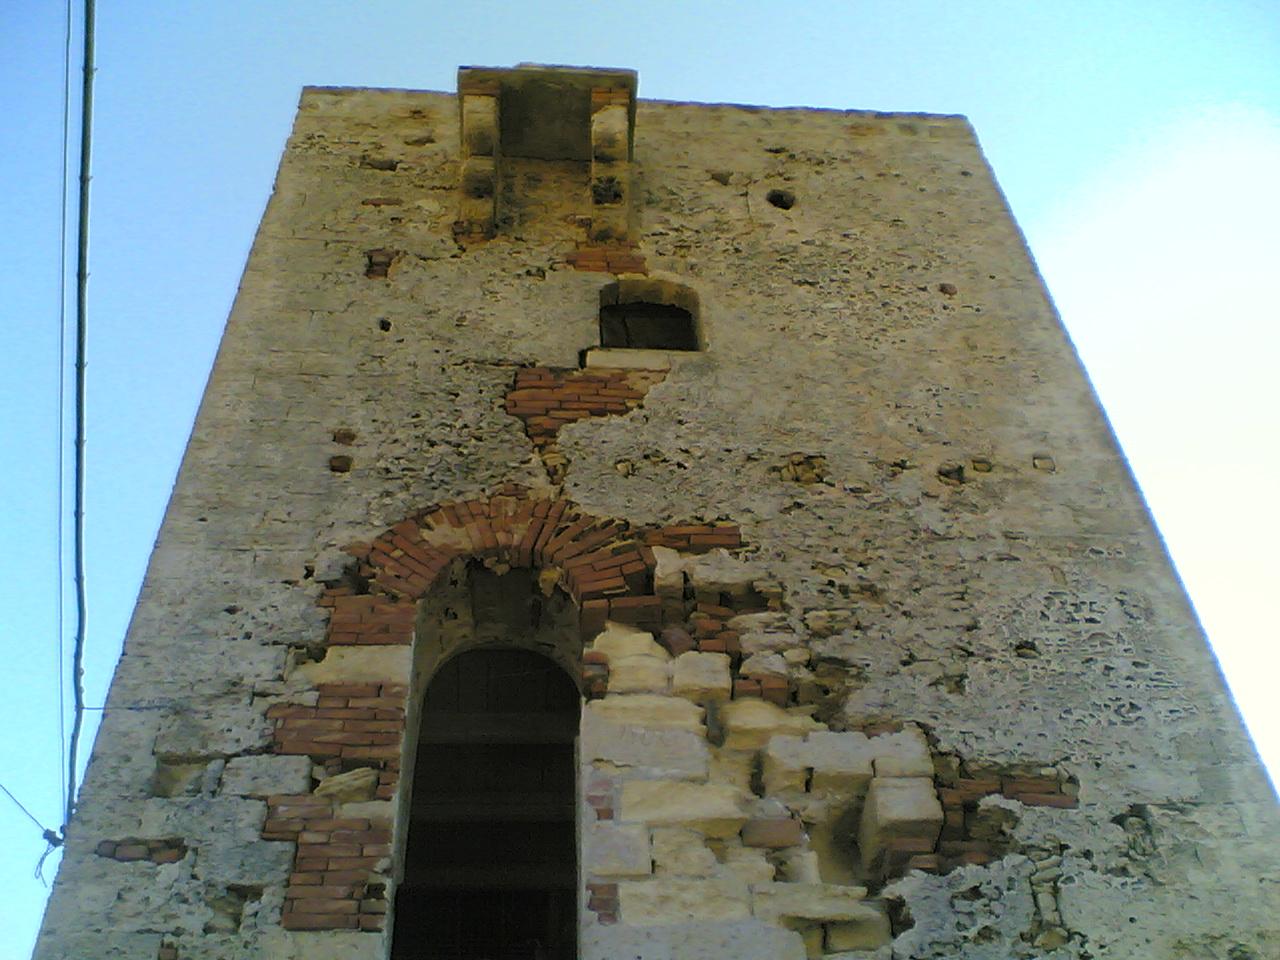 Petrosino